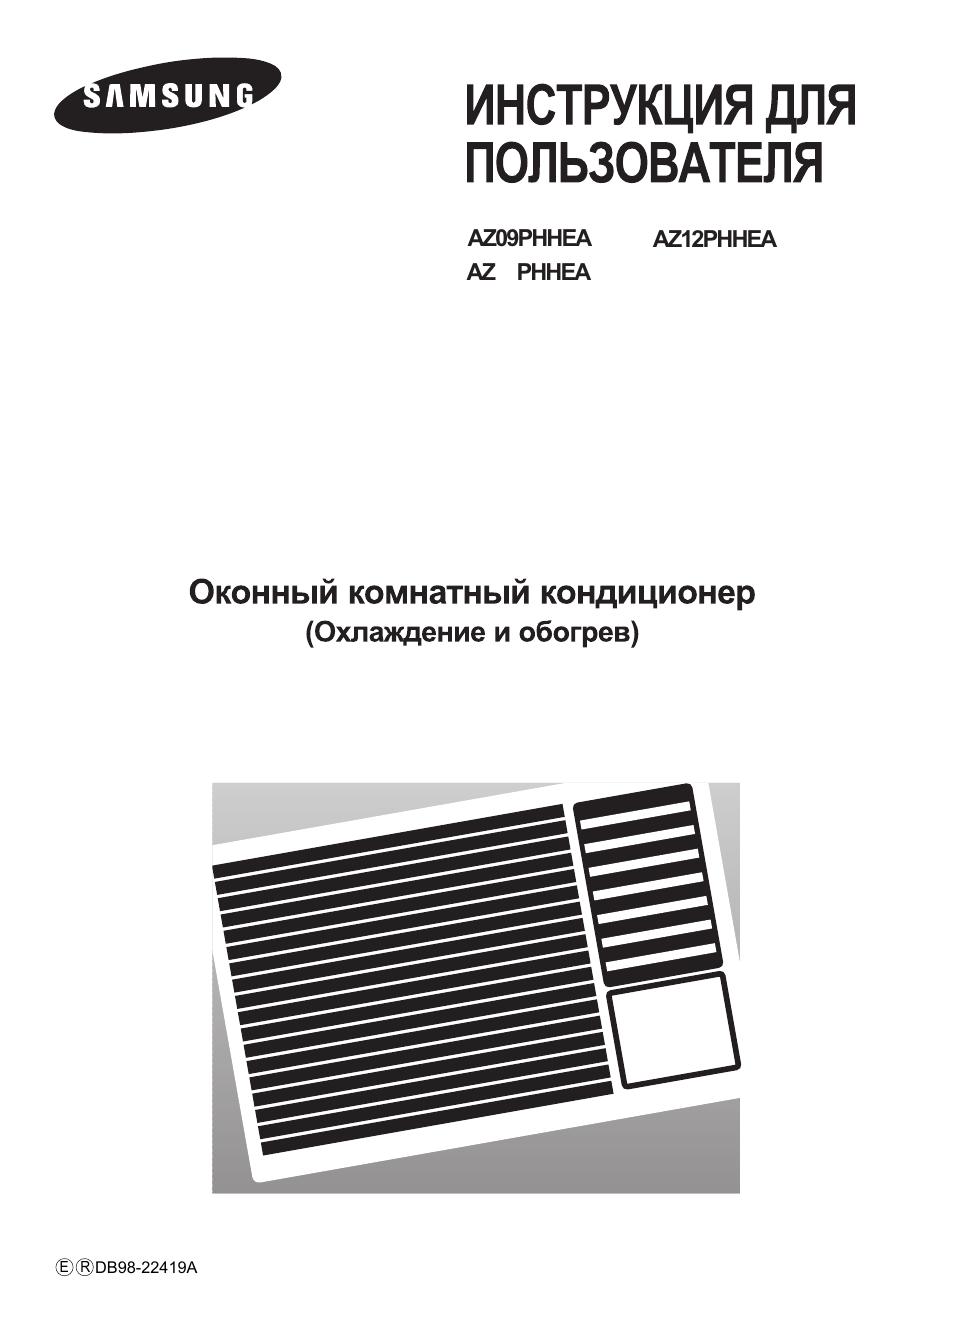 az09phhea инструкция